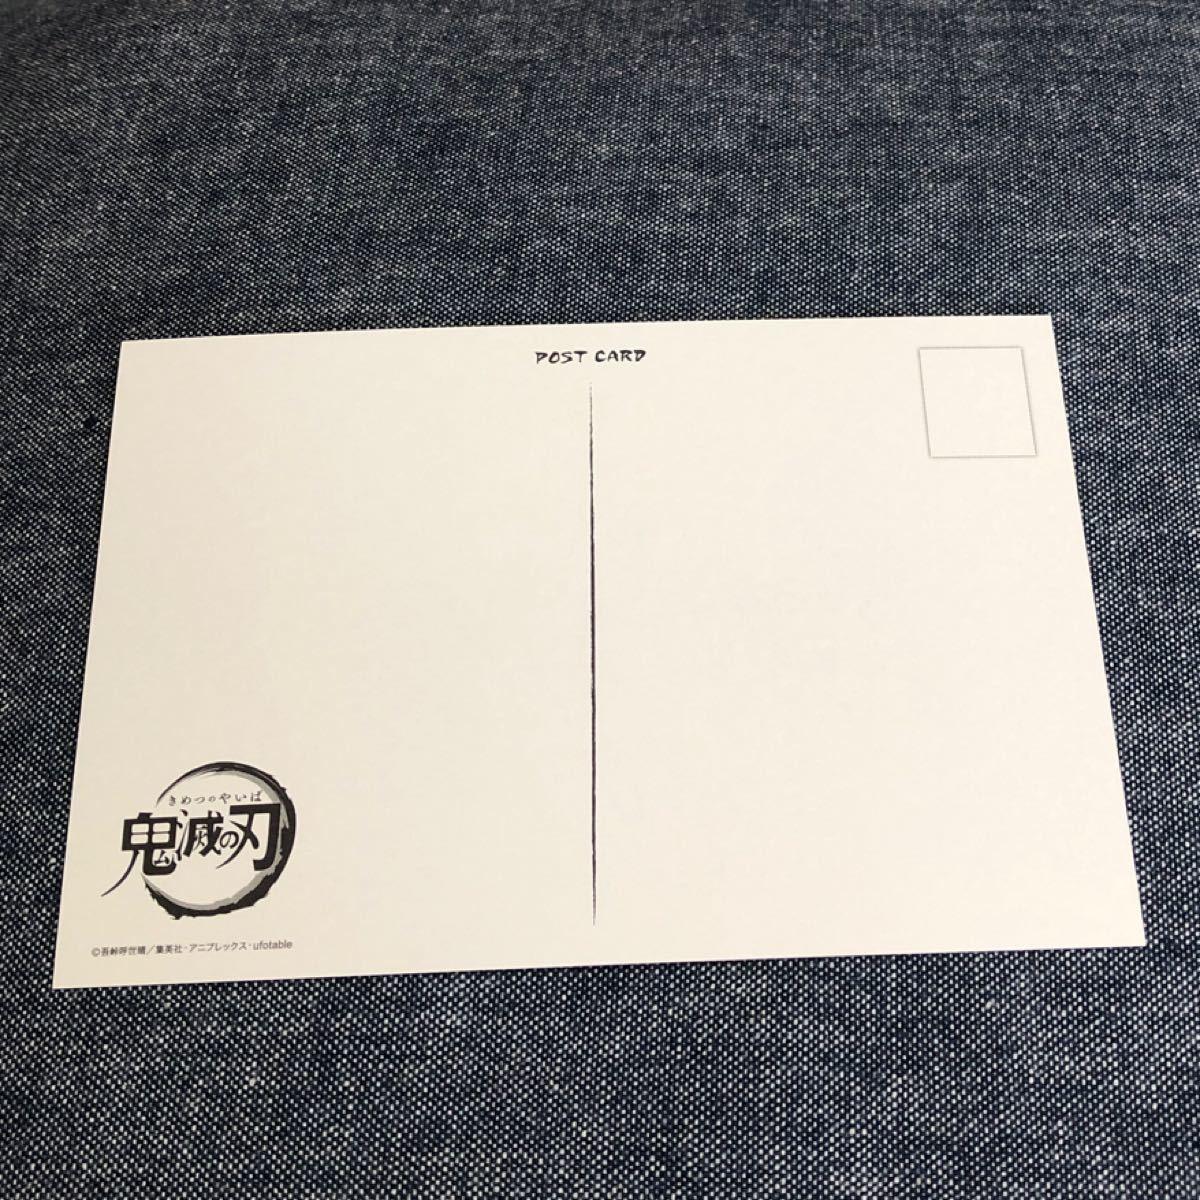 冨岡 義勇 鬼滅の刃×ユーフォーテーブルダイニング限定おすそ分けポストカード